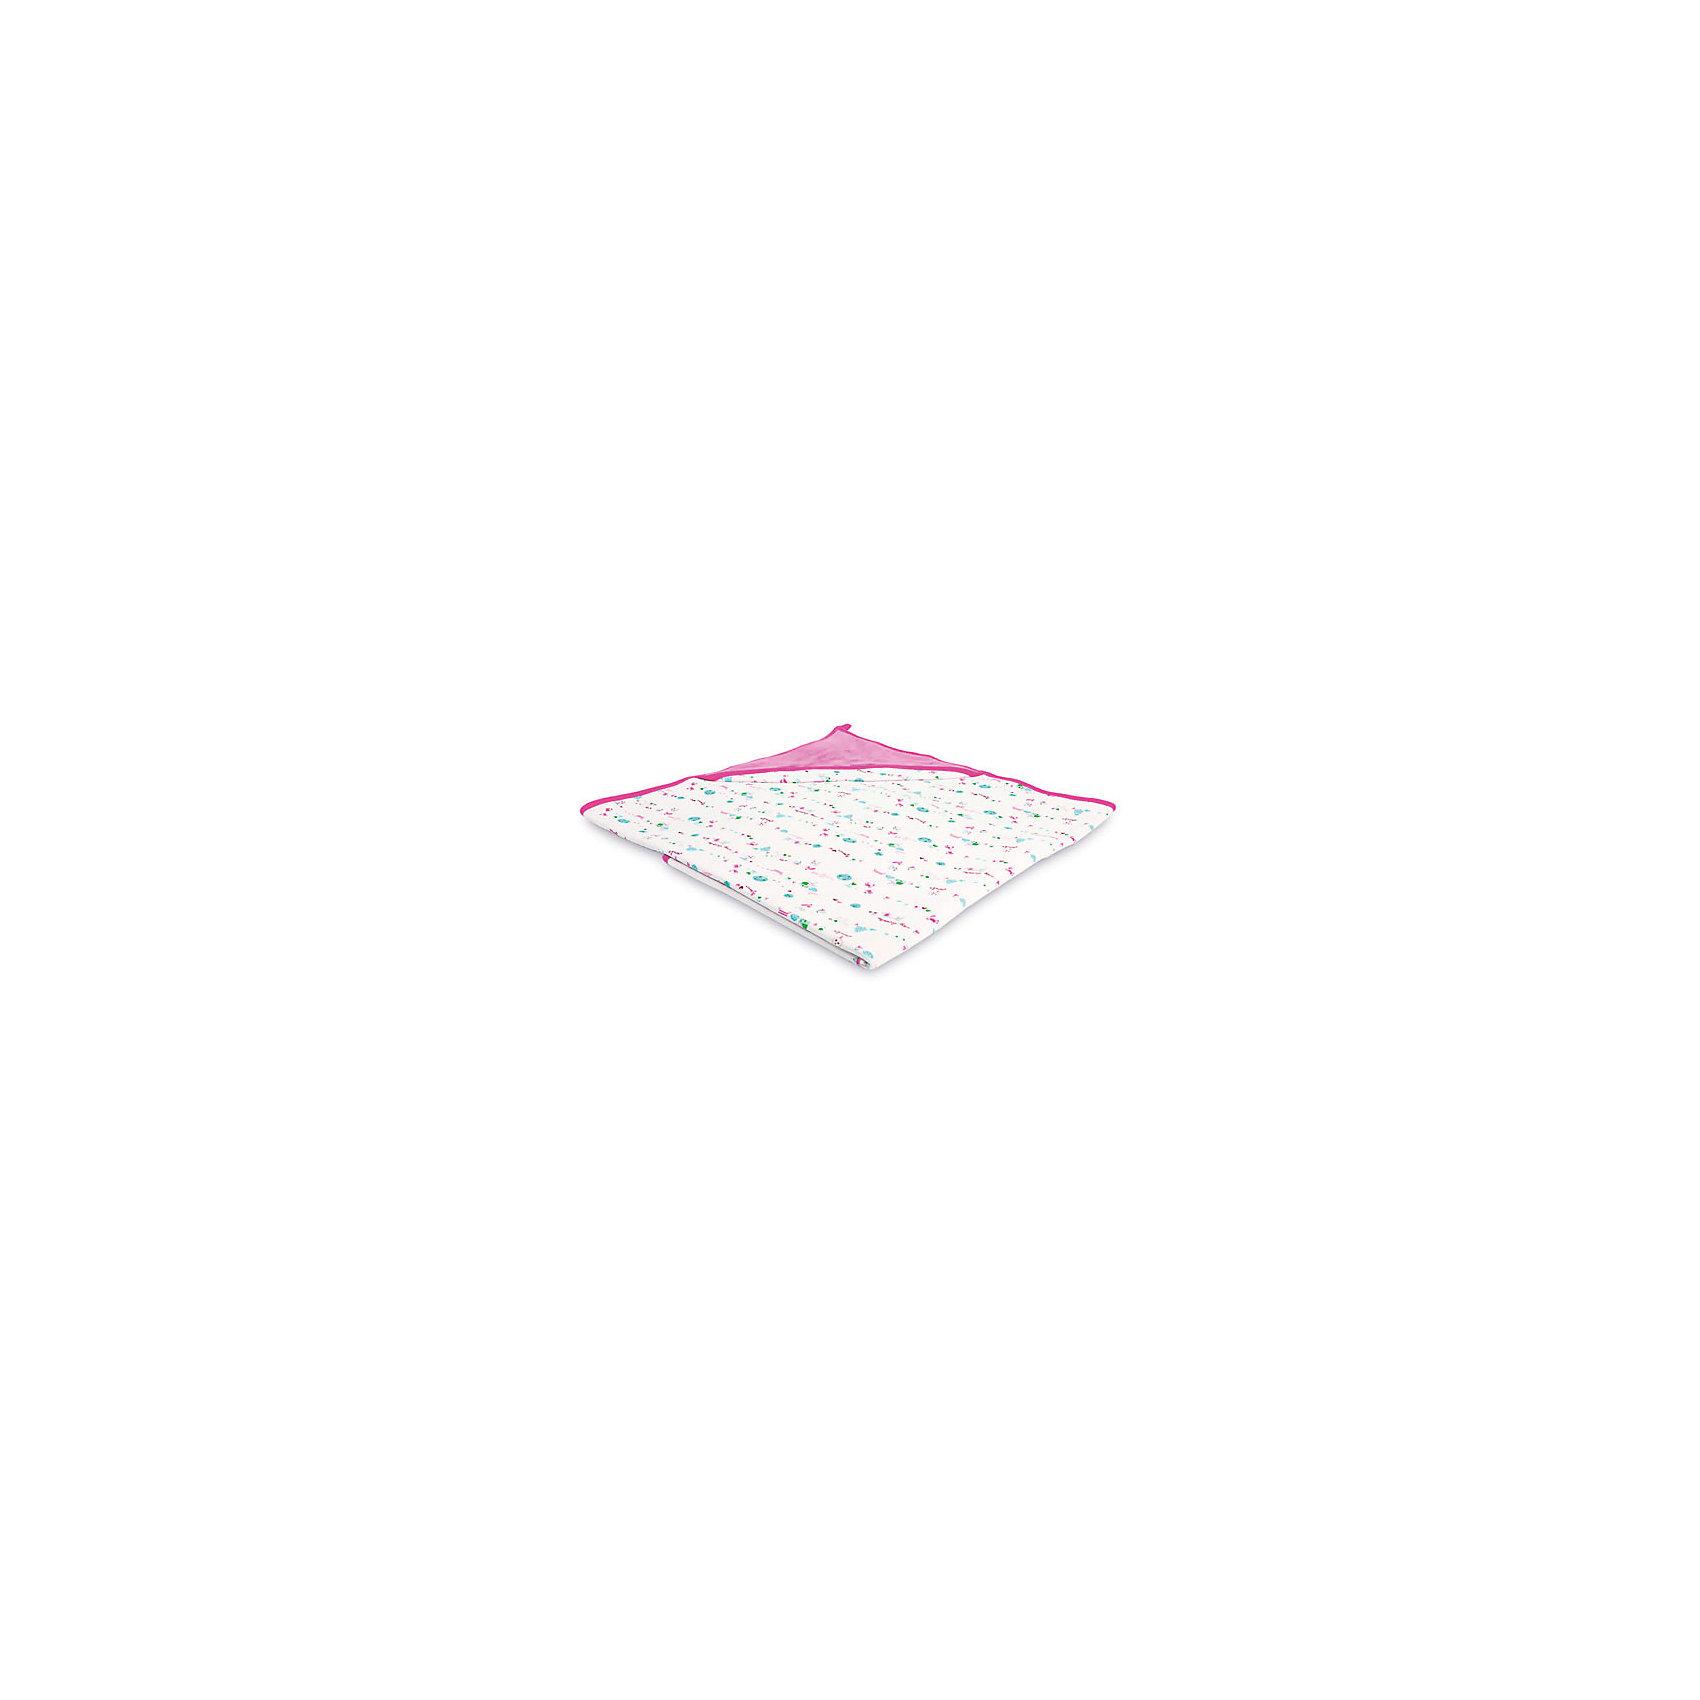 Пелёнка махровая, Сонный гномик, розовыйХарактеристики:<br><br>• Вид детского текстиля: пеленка для купания<br>• Пол: для девочки<br>• Тематика рисунка: сюжетный<br>• Сезон: круглый год<br>• Материал: хлопок 100%<br>• Цвет: розовый, белый, зеленый<br>• Размеры: 90*90 см<br>• Наличие петельки для подвешивания<br>• Наличие уголка-капюшона<br>• Вес в упаковке: 320 г<br>• Особенности ухода: машинная стирка при температуре 30 градусов<br><br>Пелёнка махровая, Сонный гномик, розовый от отечественного торгового бренда изготовлена с учетом международных требований к качеству и безопасности товаров для детей. Пелёнка имеет удобную квадратную форму. Одна сторона выполнена из махрового полотна, вторая – из трикотажного полотна. Пеленка предназначена для купания, для удобства ее использования предусмотрена петелька для подвешивания на крючок. Для защиты головы малыша имеется капюшон в форме уголка. Изделие выполнено из натурального хлопка, что обеспечивает его хорошие влаговпитывающие свойства, при этом полотенце быстро высыхает и легко стирается. <br>Пелёнка махровая, Сонный гномик, розовый обеспечит комфорт как во время купания, так и отдыха после приема ванны! <br><br>Пелёнку махровую, Сонный гномик, розовую можно купить в нашем интернет-магазине.<br><br>Ширина мм: 140<br>Глубина мм: 50<br>Высота мм: 120<br>Вес г: 320<br>Возраст от месяцев: 0<br>Возраст до месяцев: 48<br>Пол: Женский<br>Возраст: Детский<br>SKU: 4922780